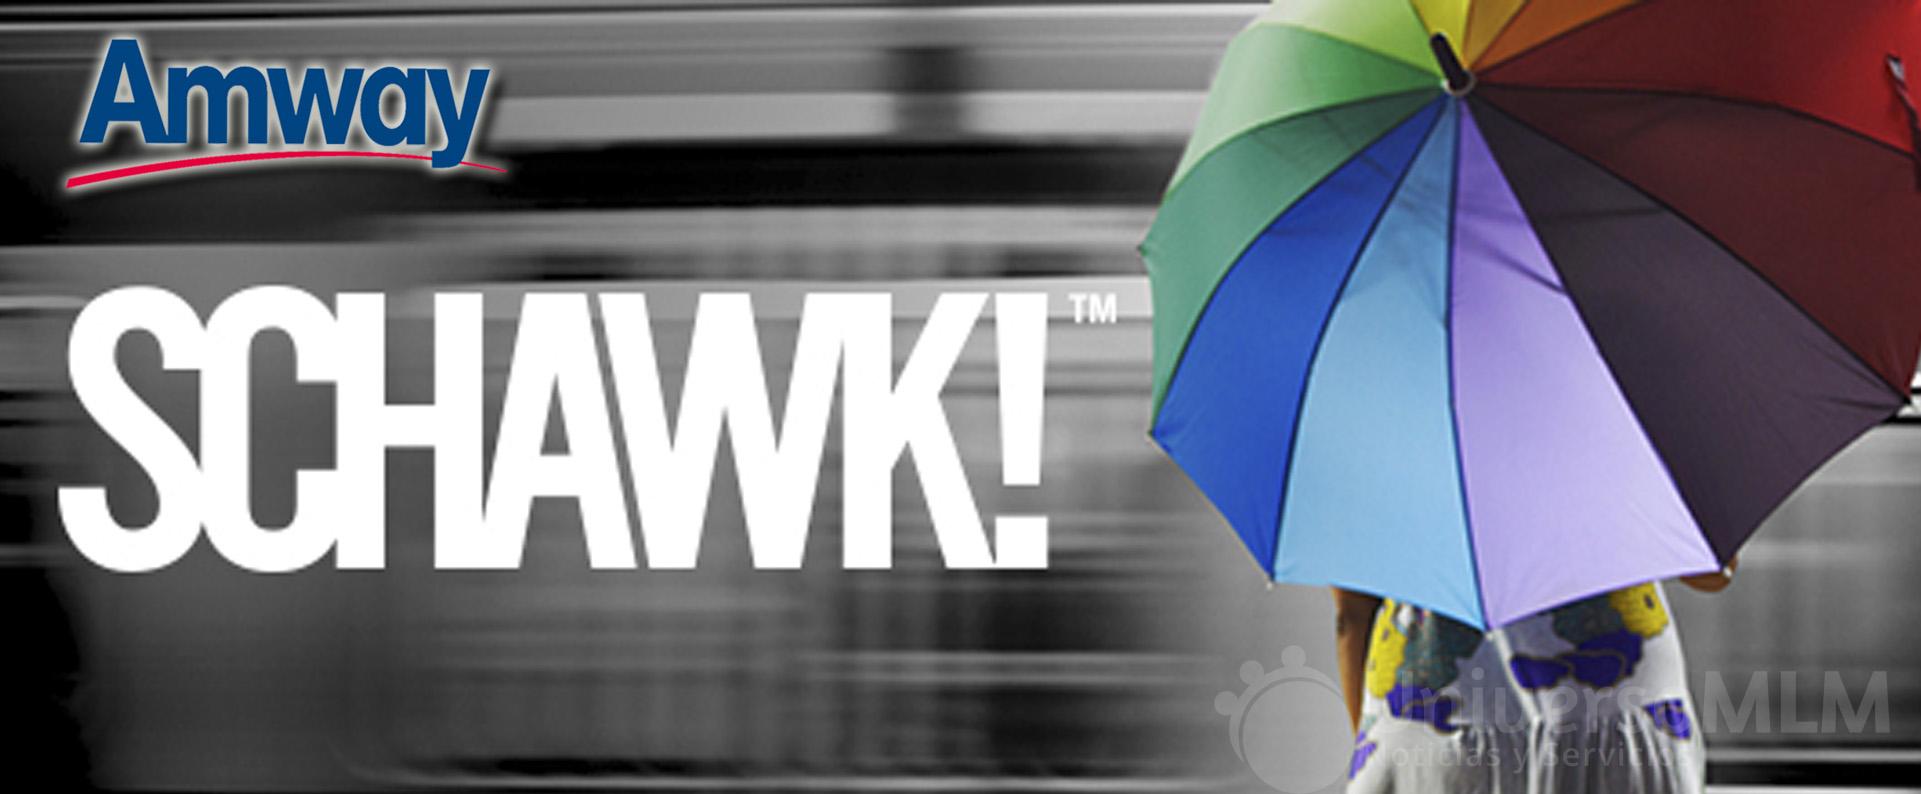 amway-schawk